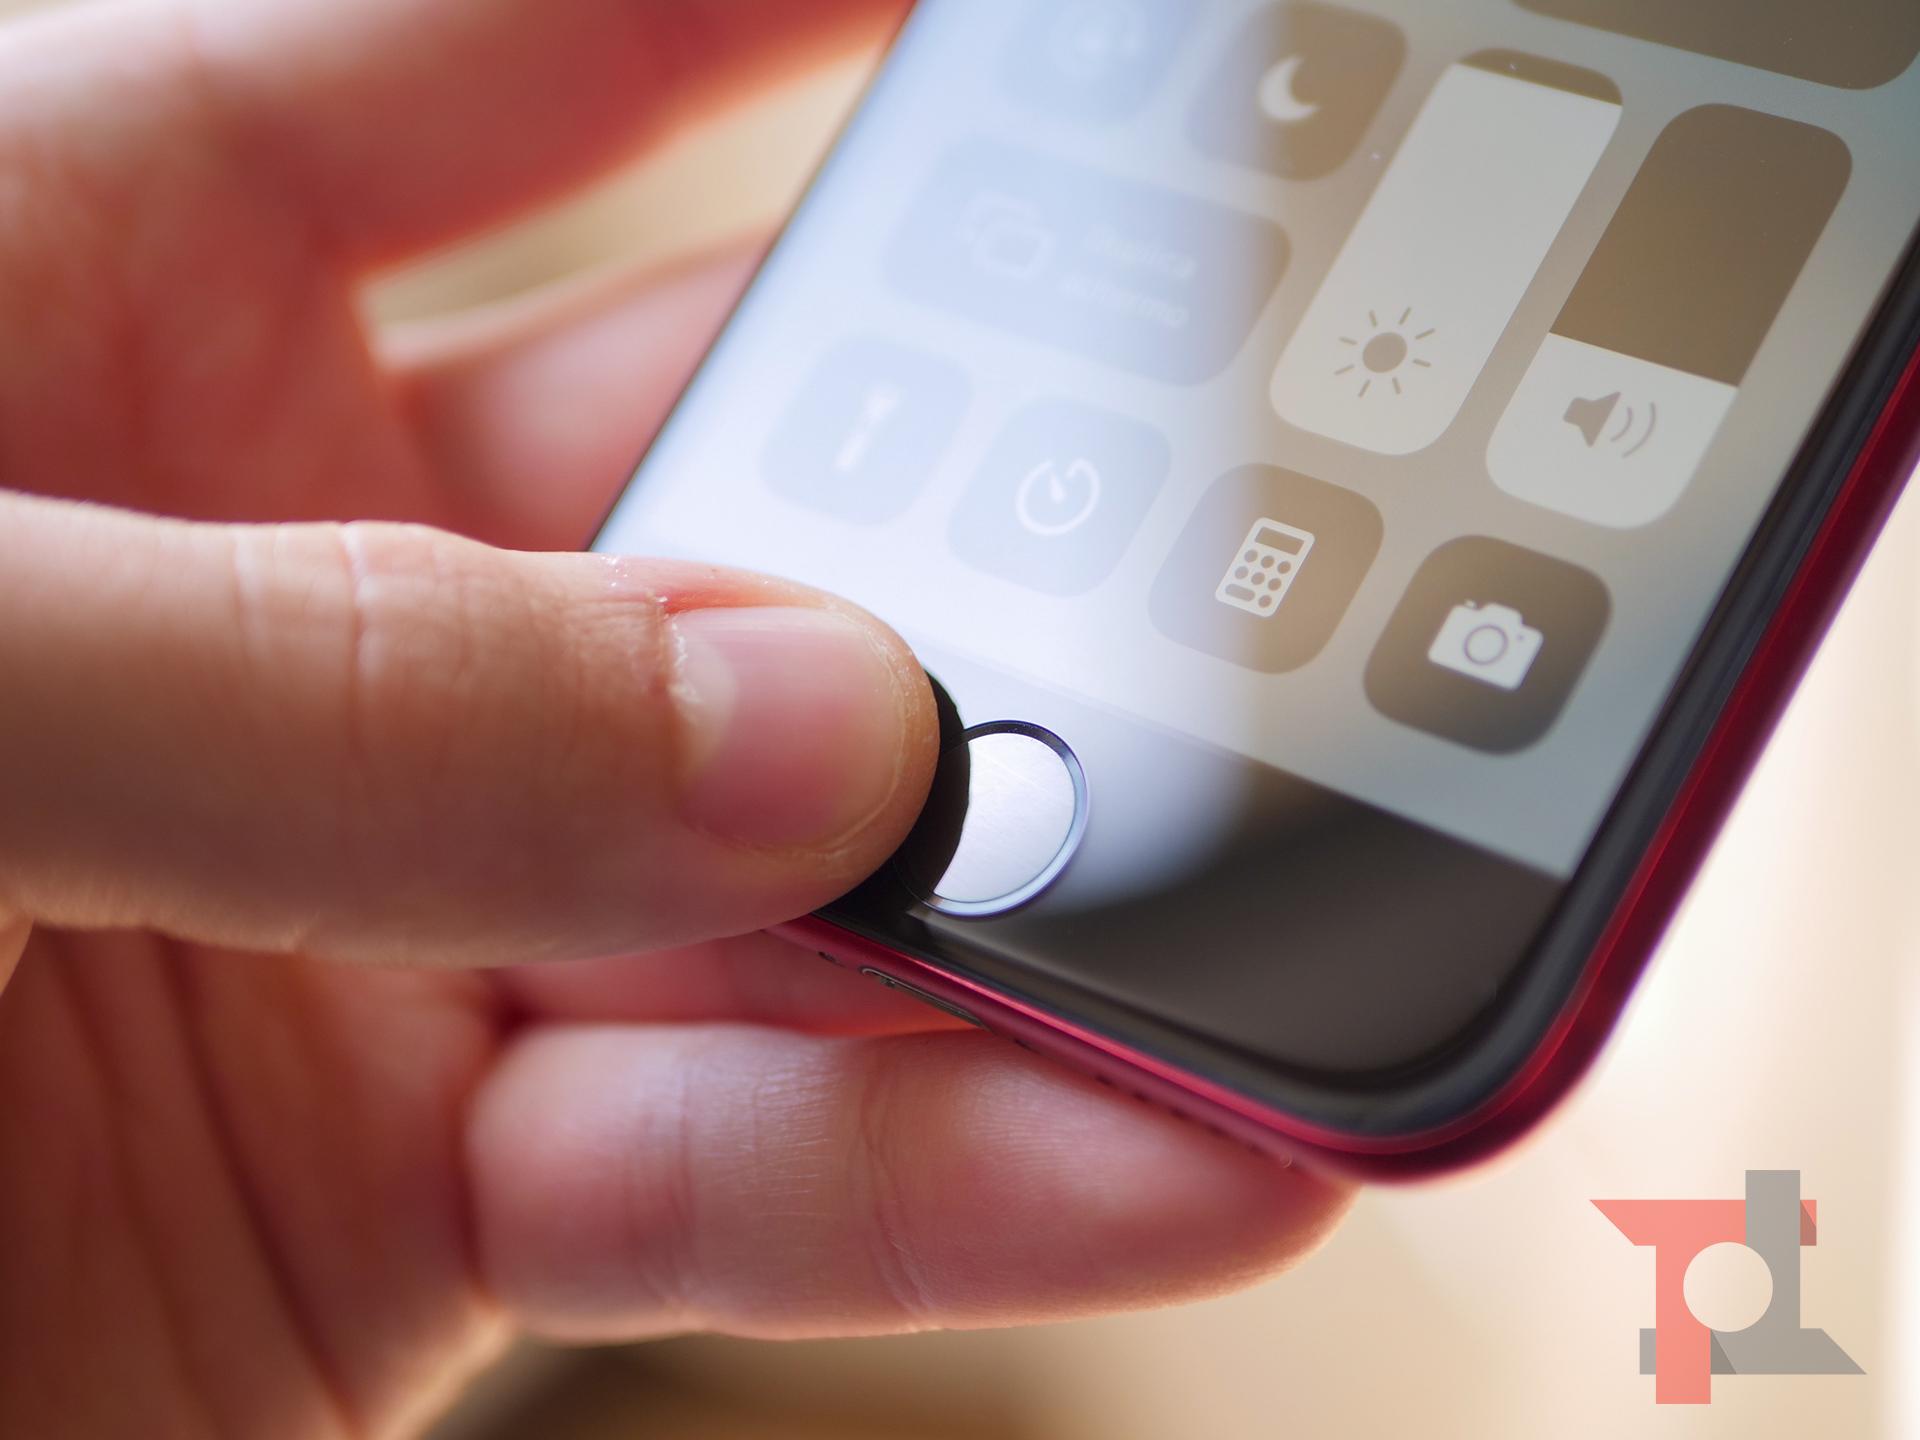 Recensione iPhone SE 2020: per chi deve cambiare, ma non vorrebbe 2